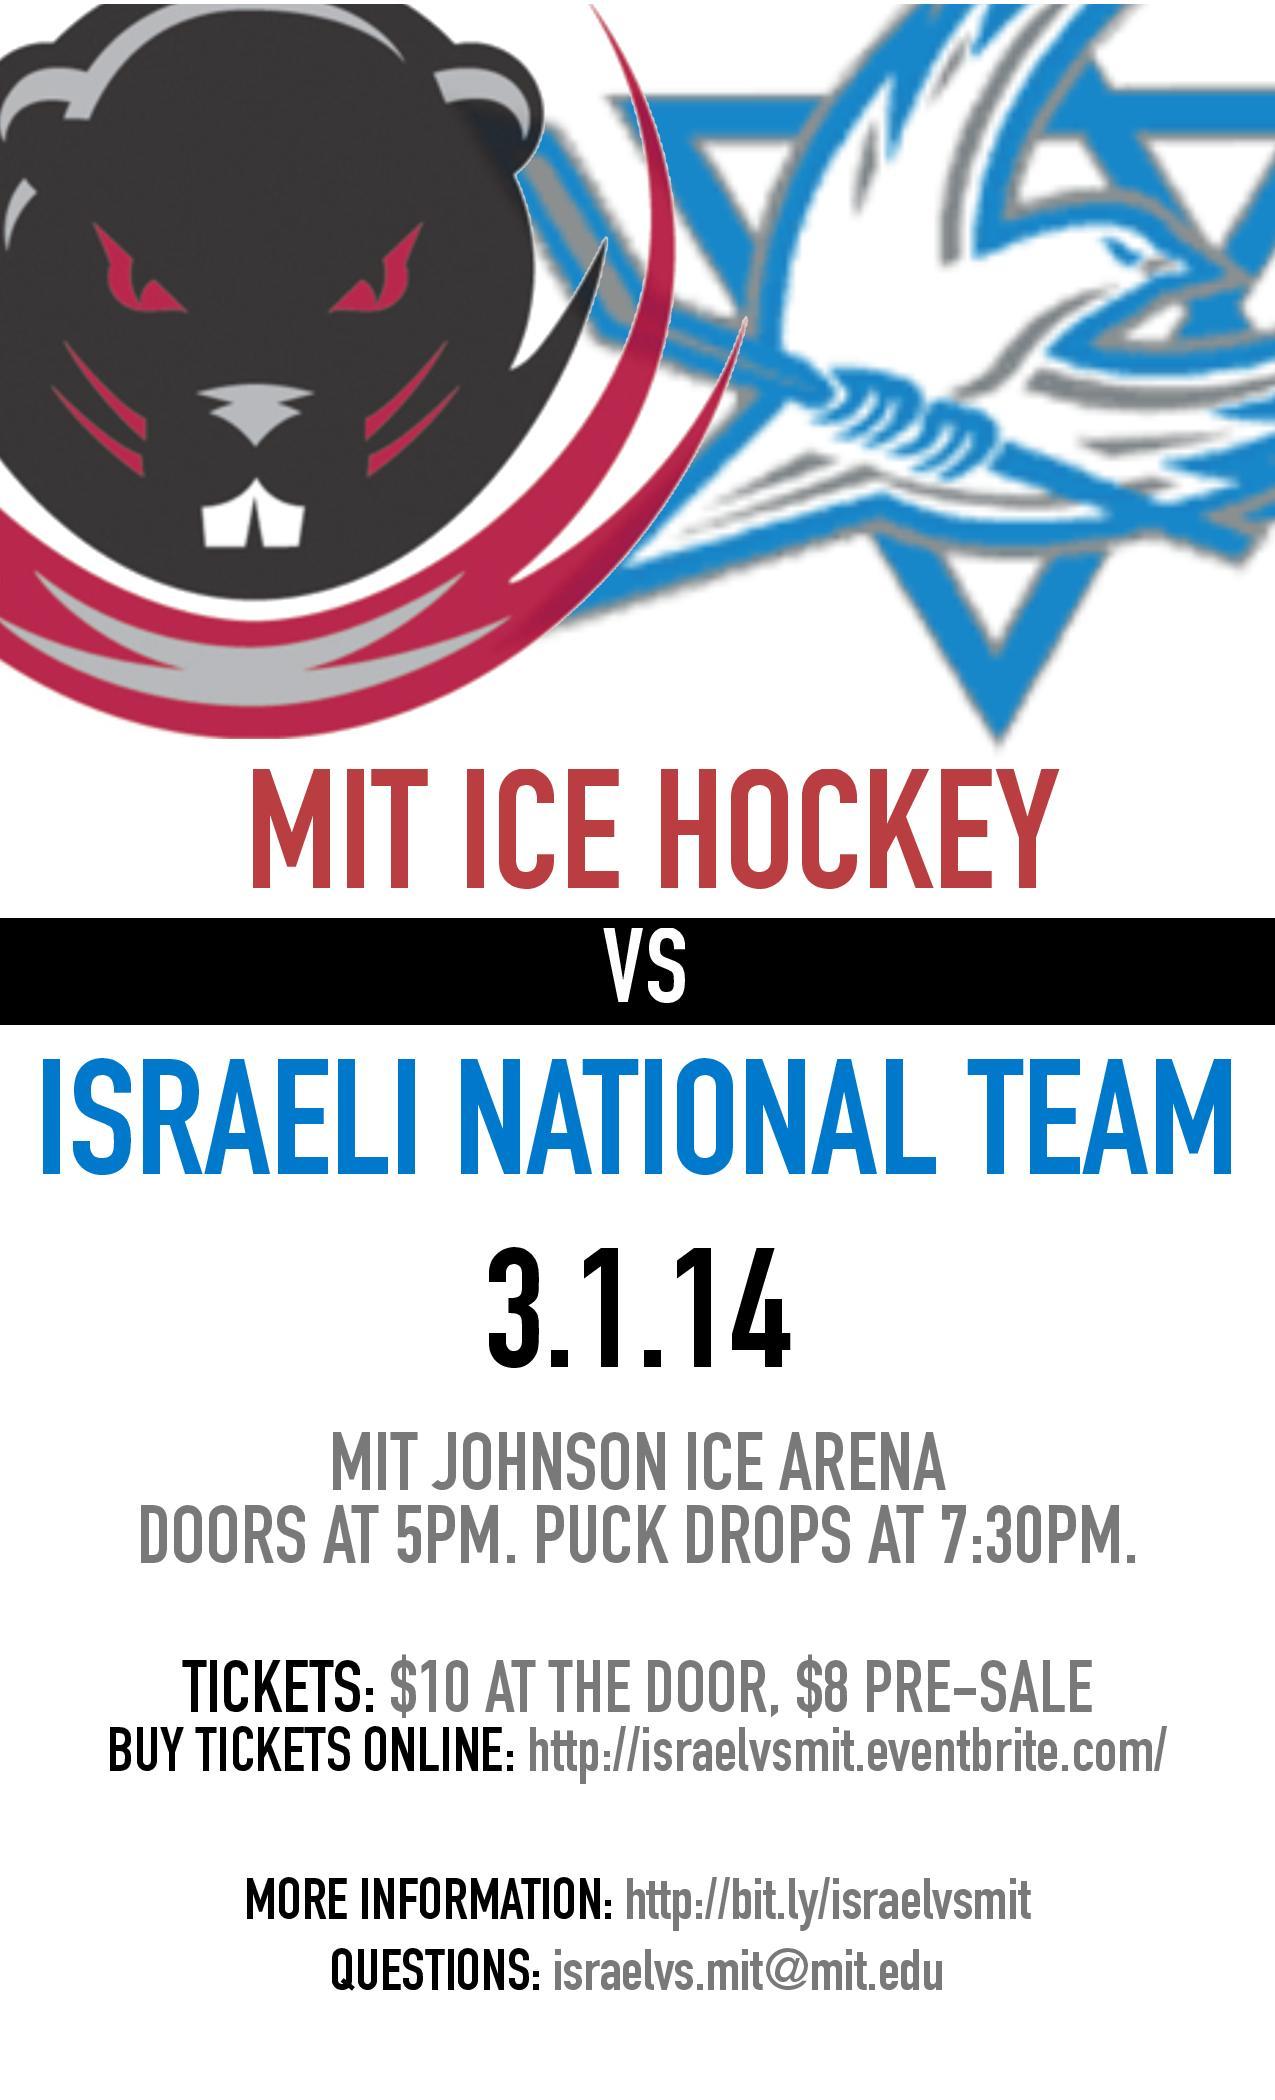 Israeli National Hockey Team Vs MIT Mens Ice